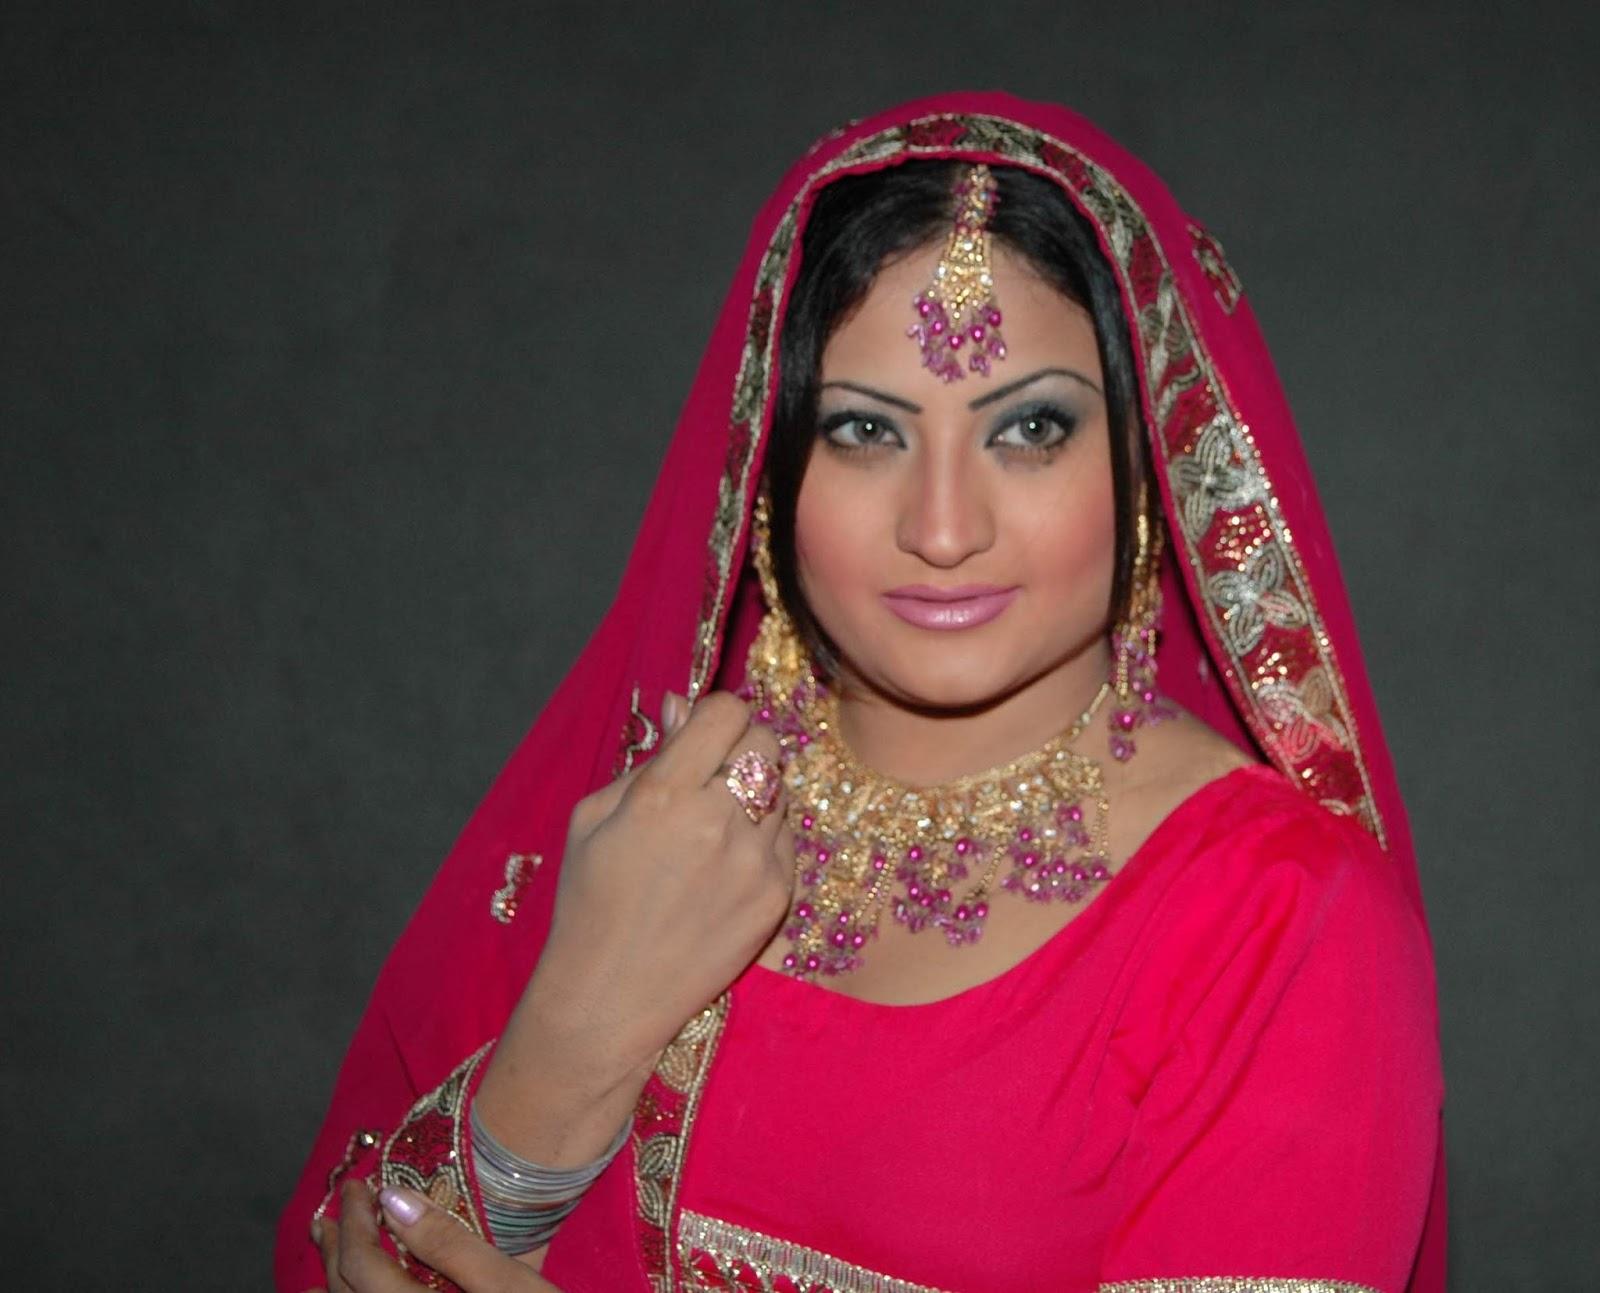 Pathan Girl Video